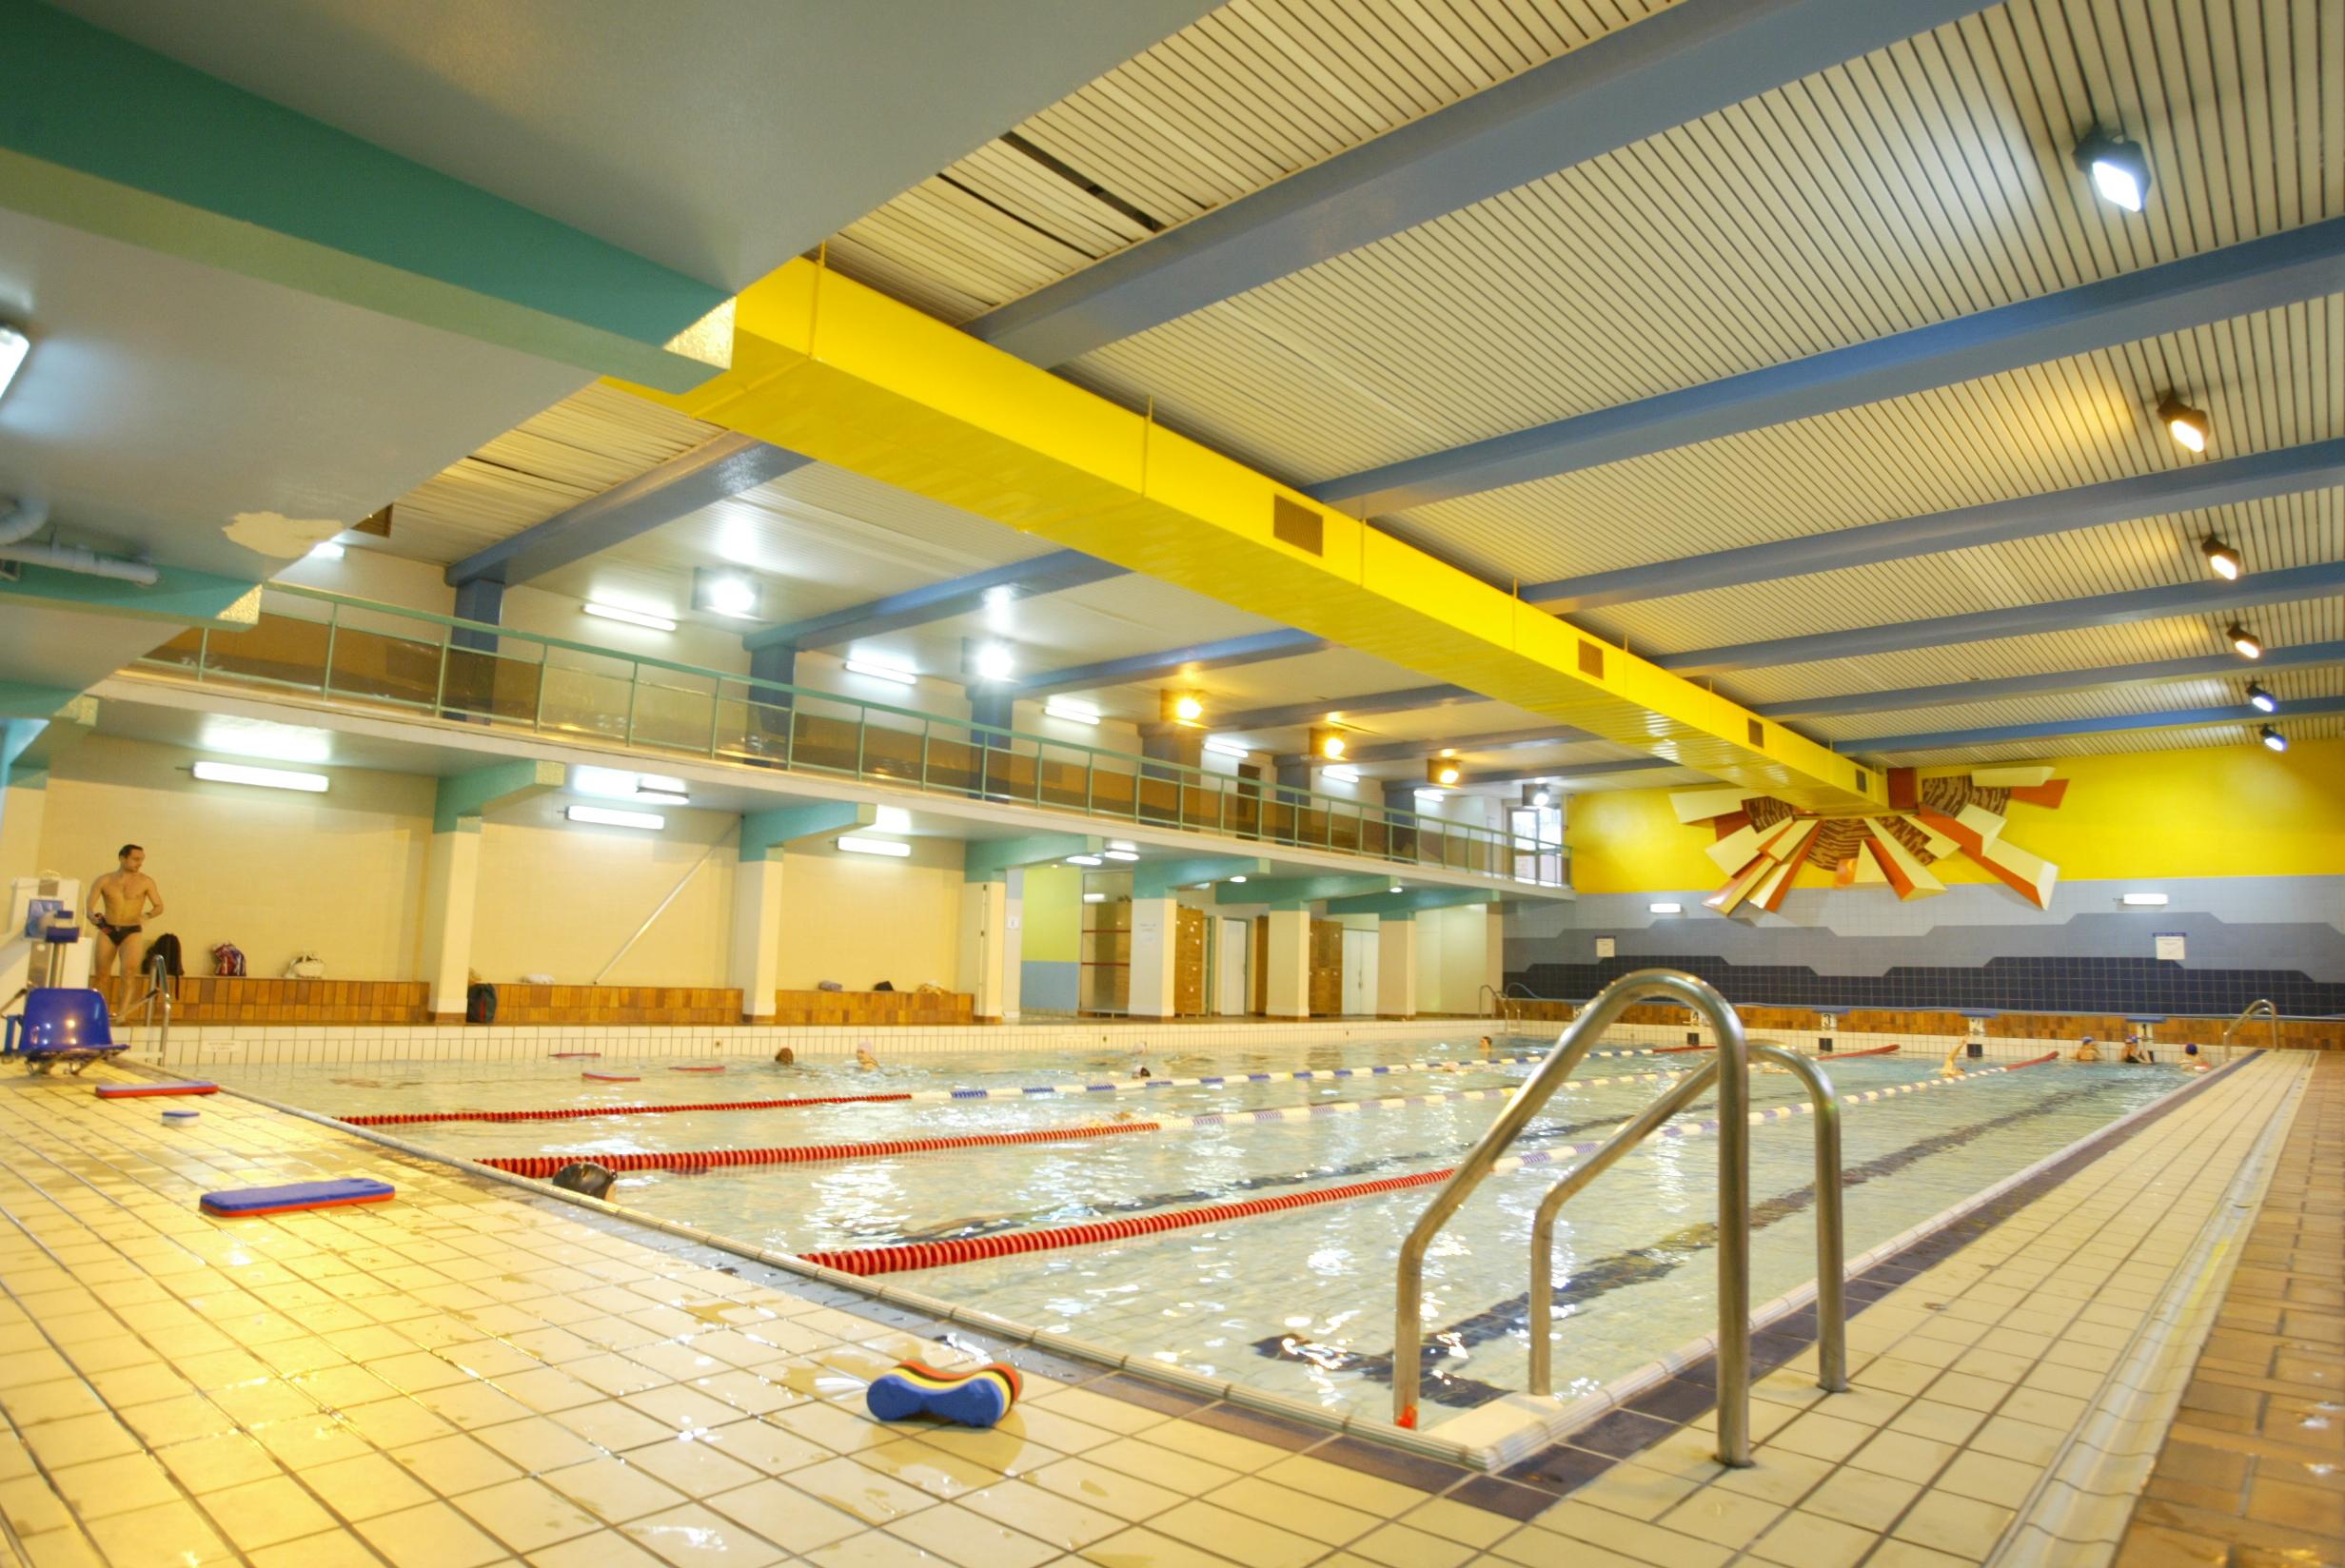 Une piscine parisienne chauff e gr ce l eau des gouts - Piscine aspirant dunand horaires ...